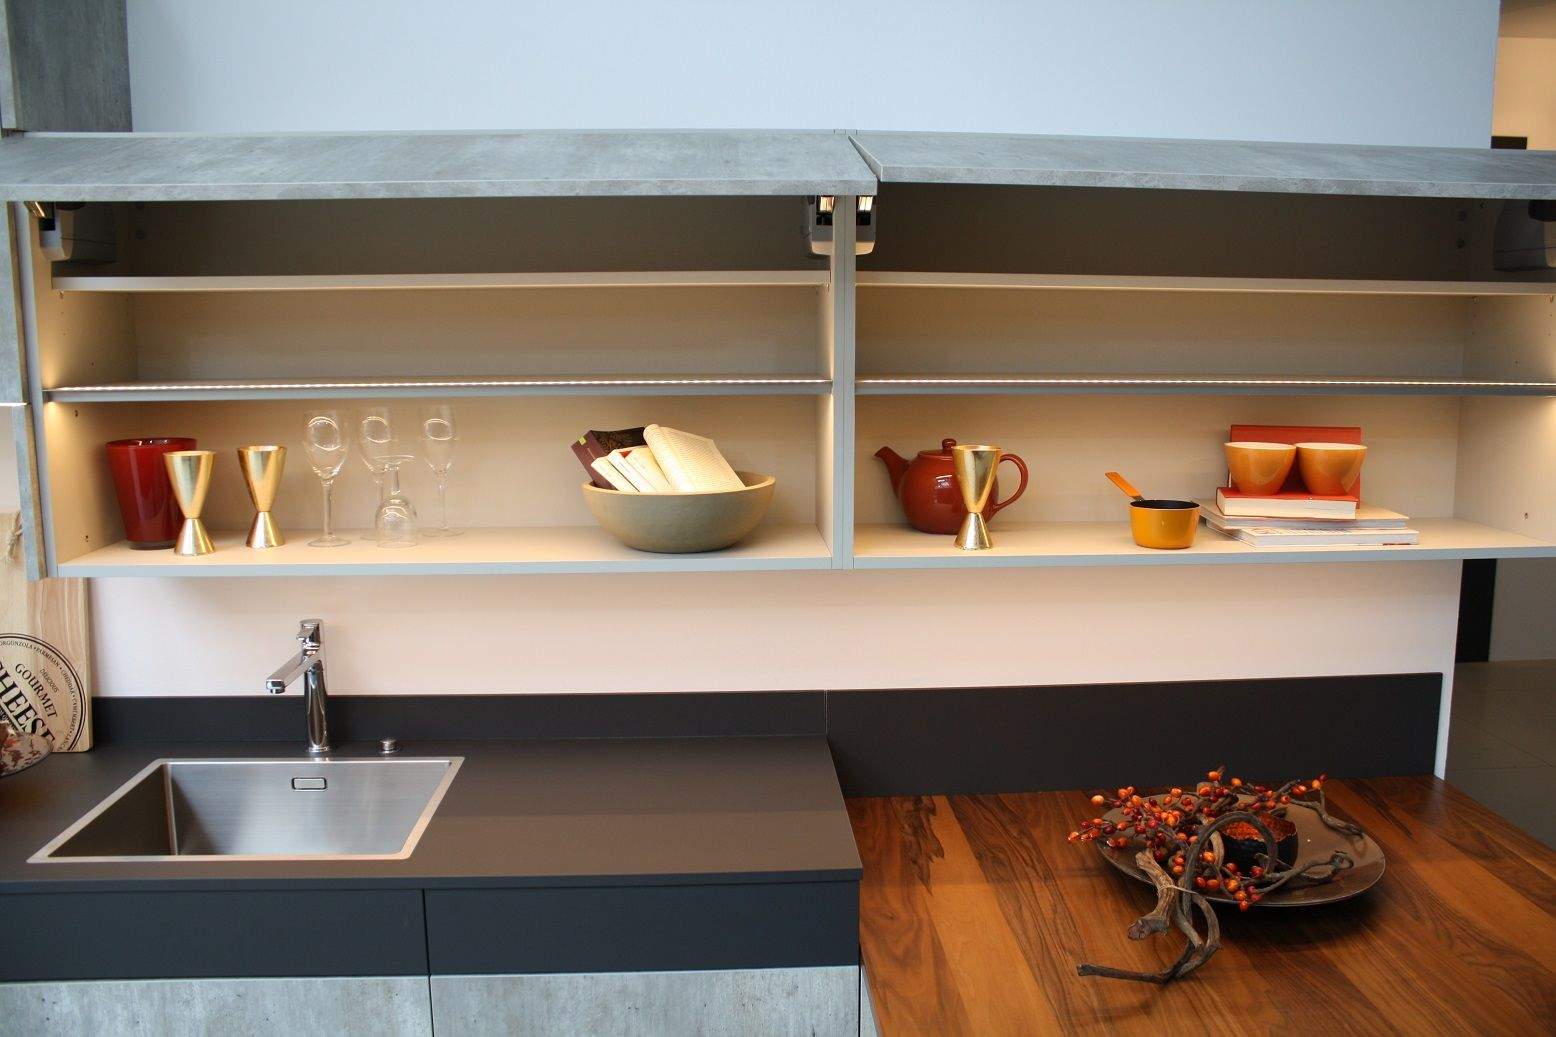 Allergrootste keukensite van nederland prachtige keuken 15 6 55276 - Afbeelding van keuken amenagee ...